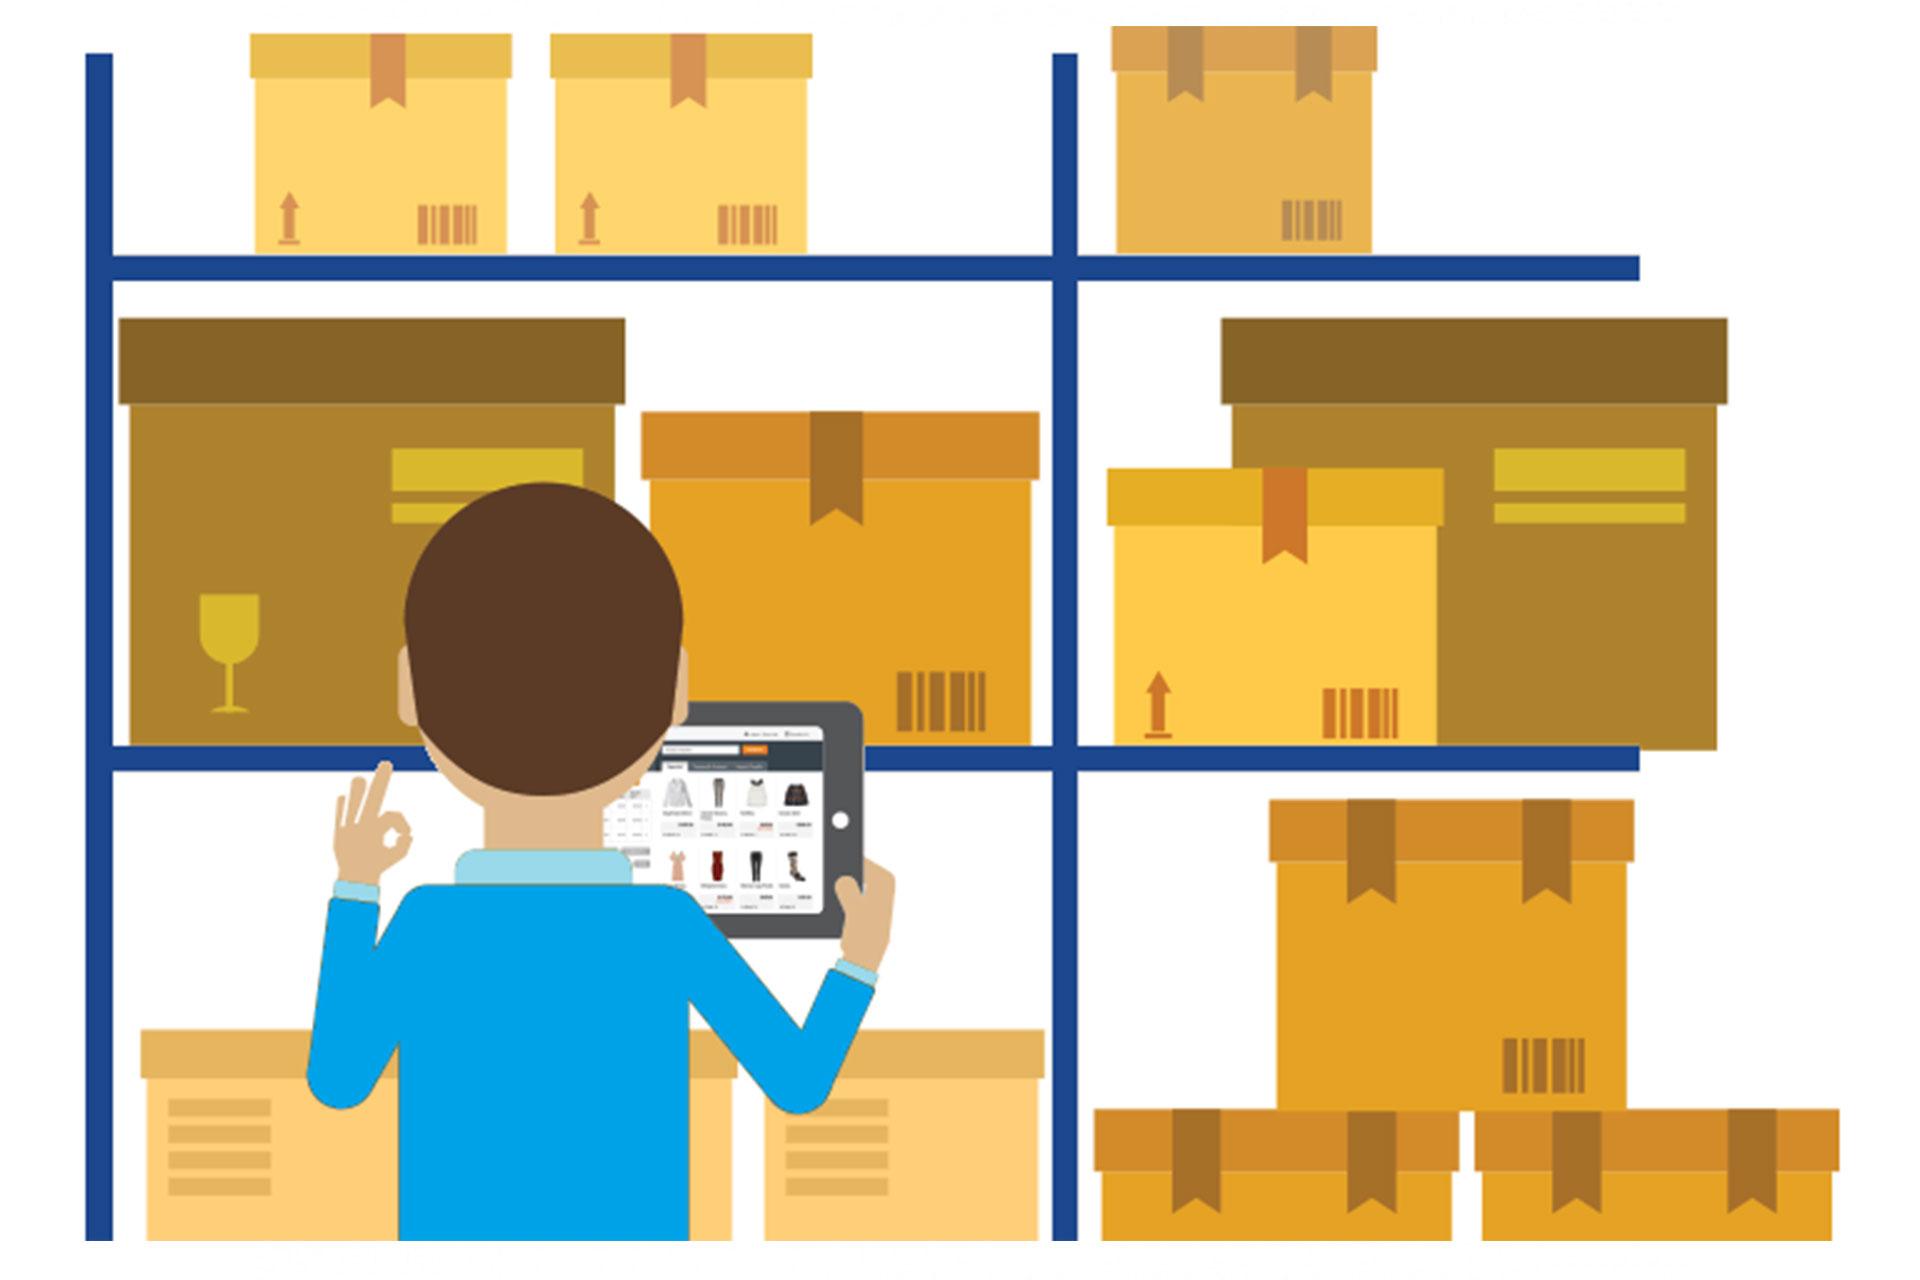 Phần mềm quản lý kho cho các cửa hàng bán lẻ